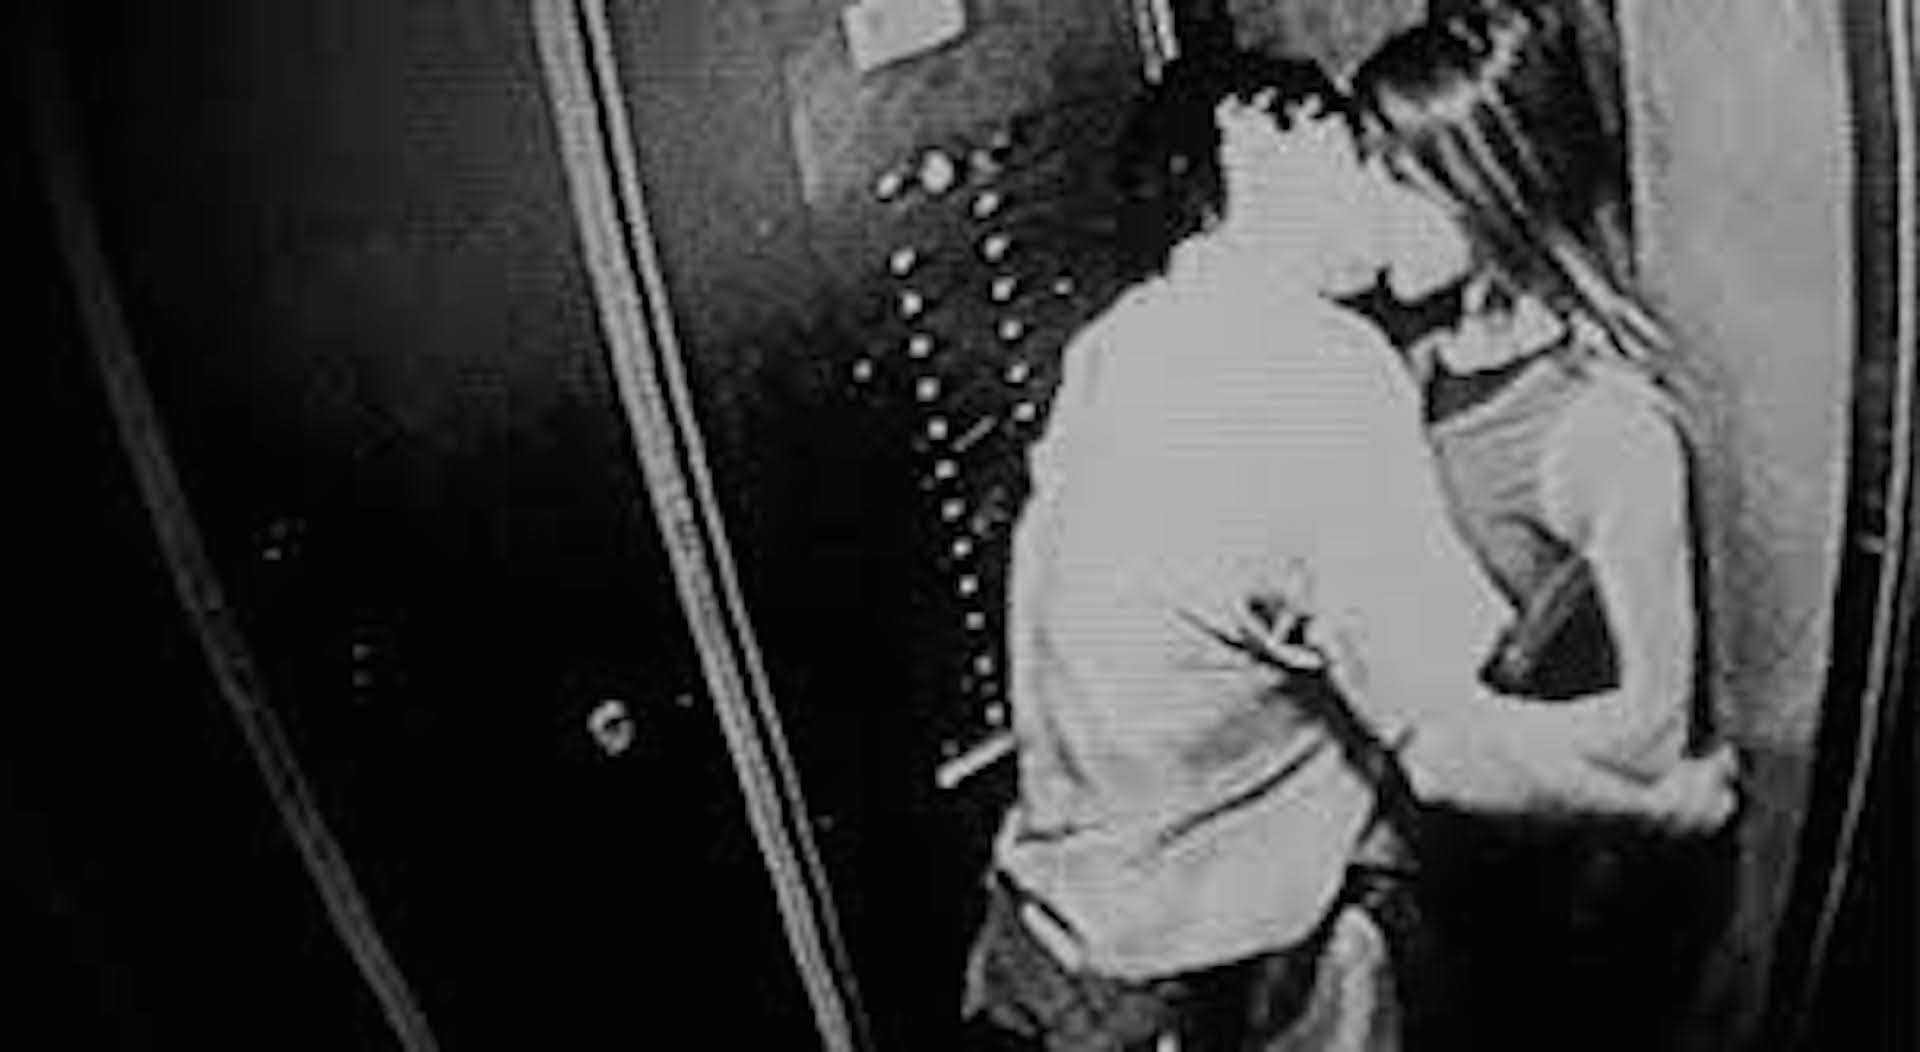 Секс лифте мальчик 17 фотография